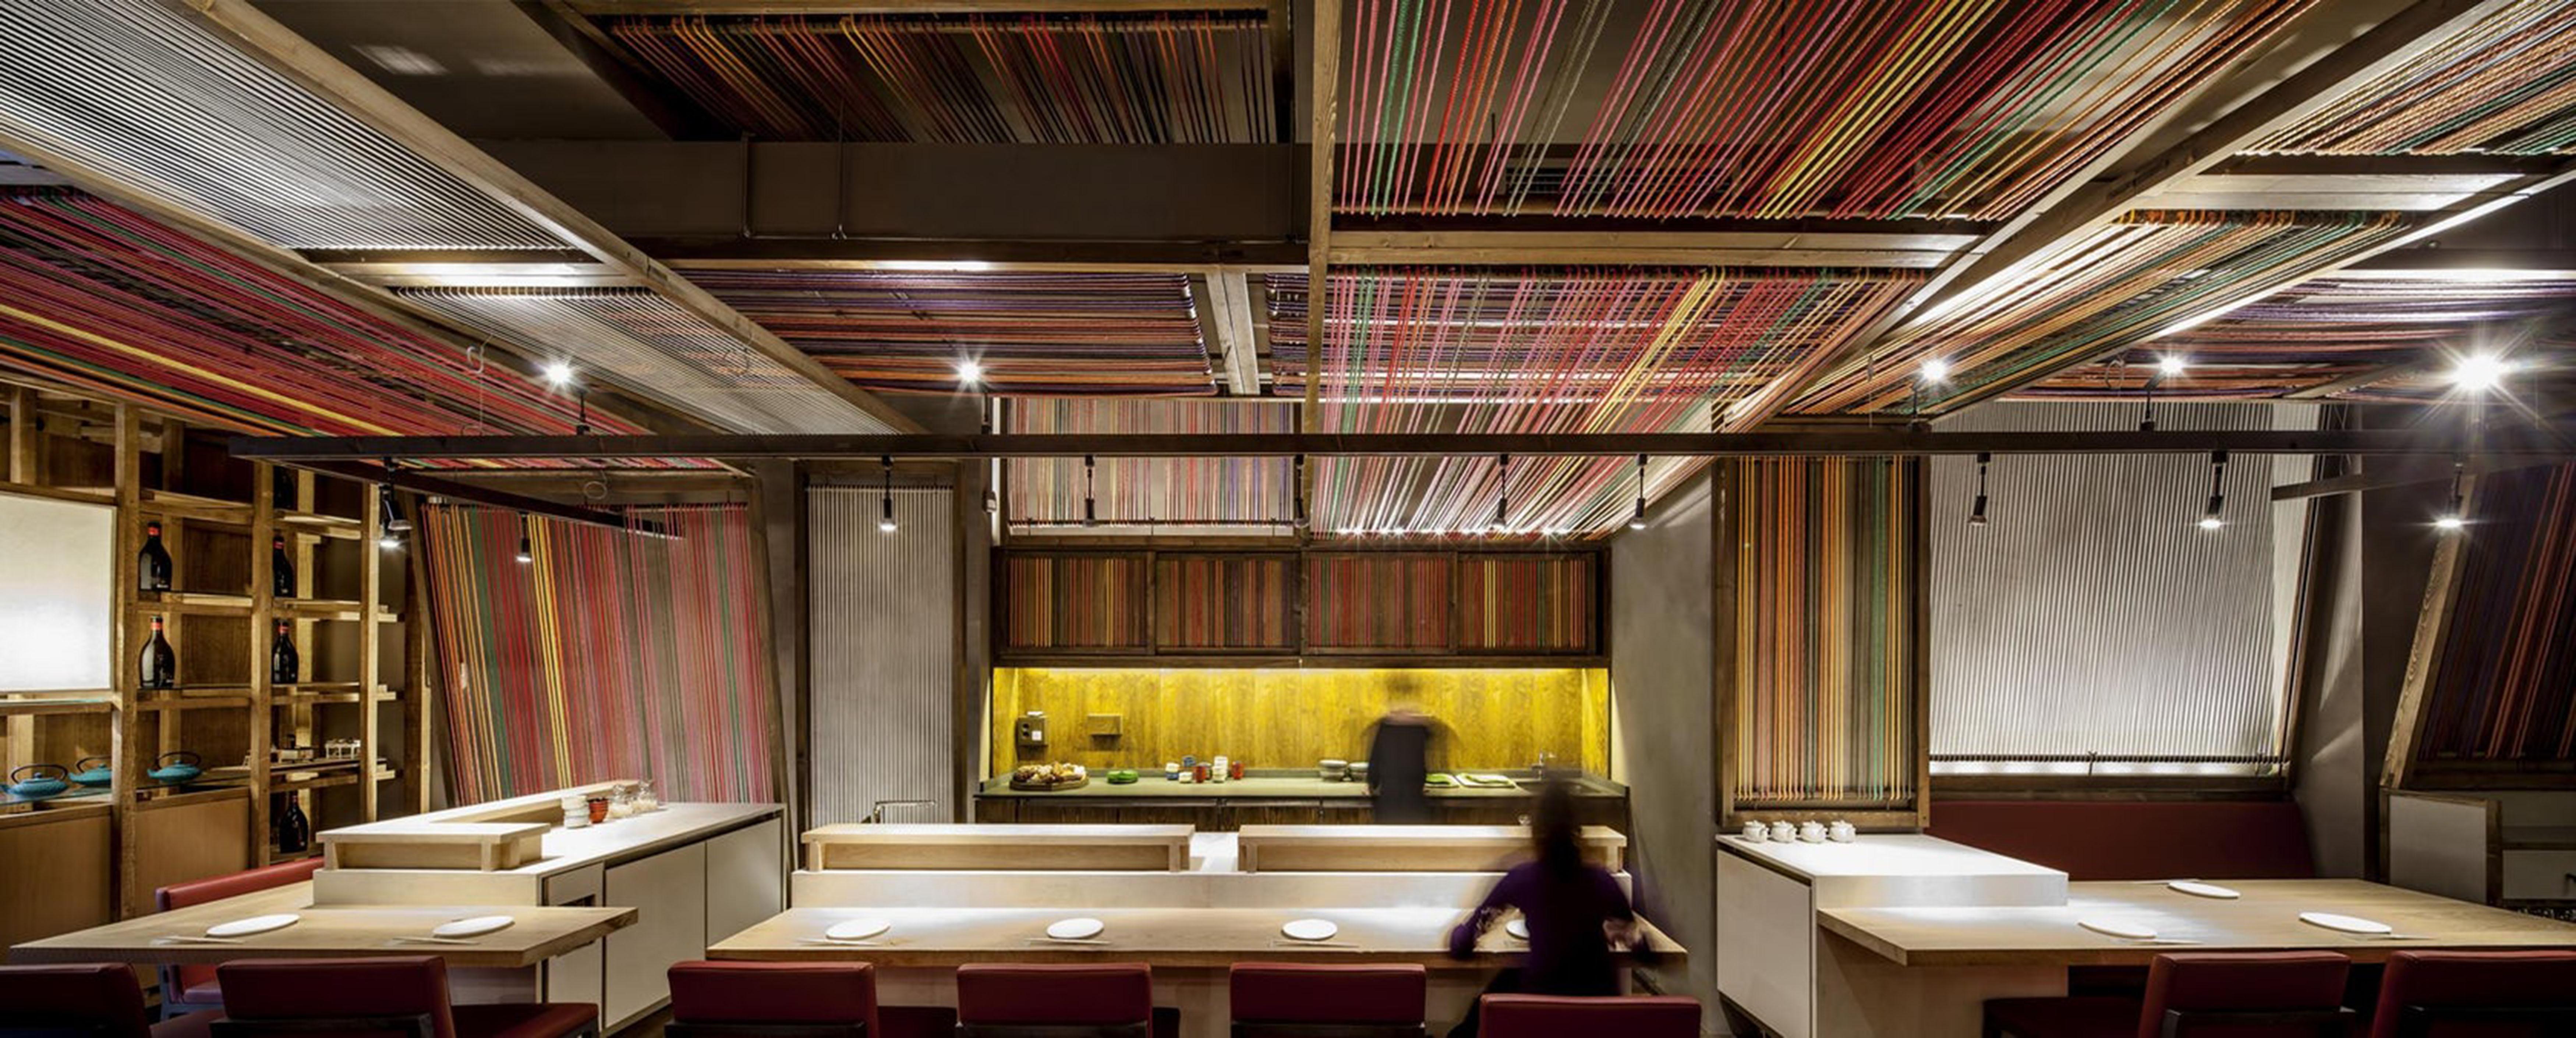 BLOG – Olha Martsynovska Interior Design